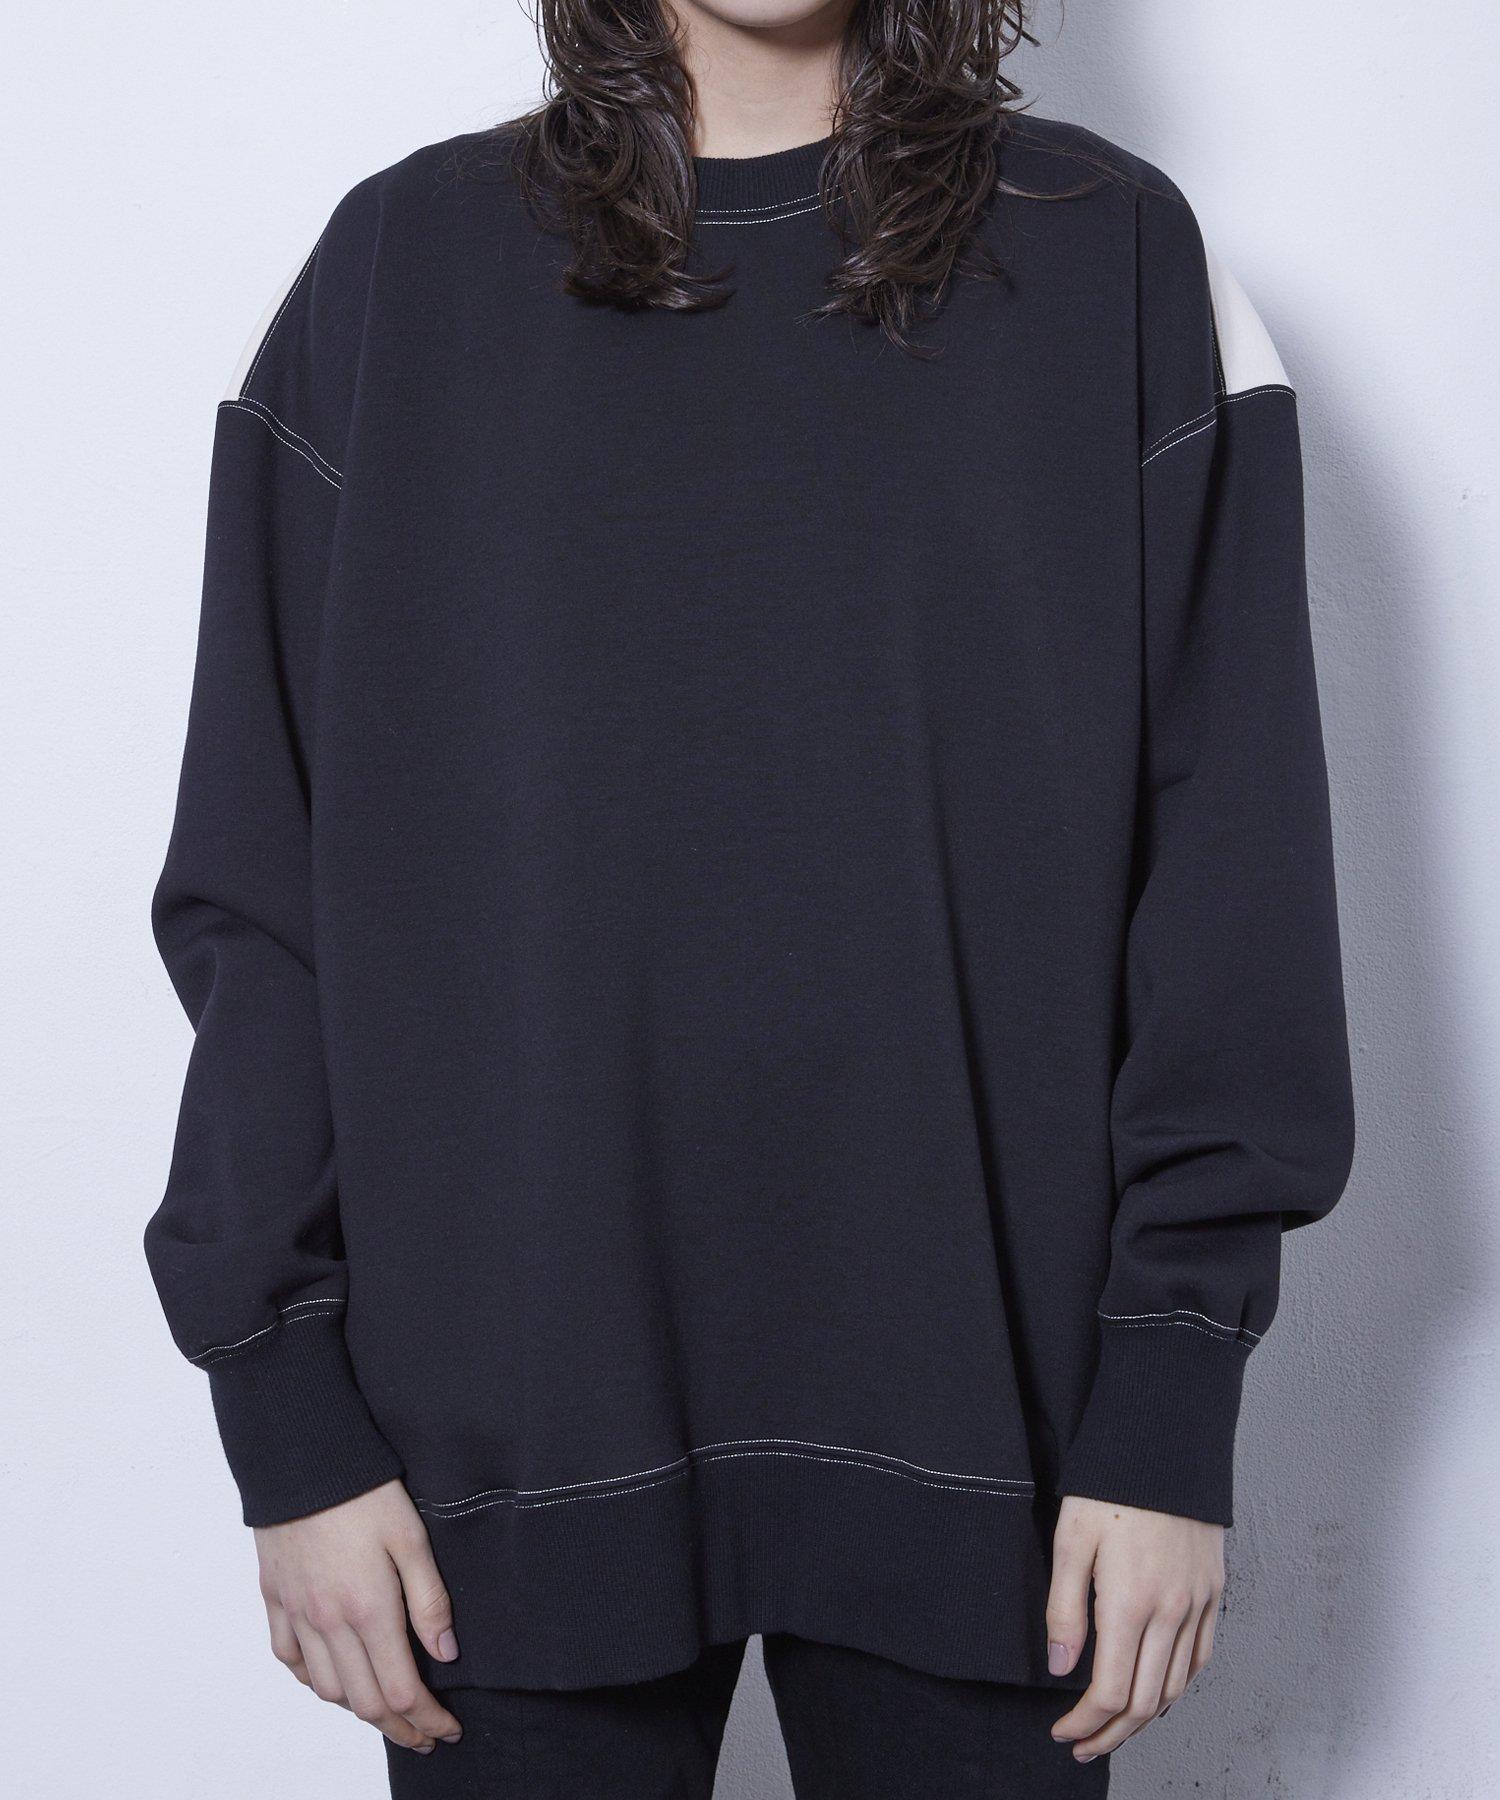 CREW NECK JERSEY 【BLACK】